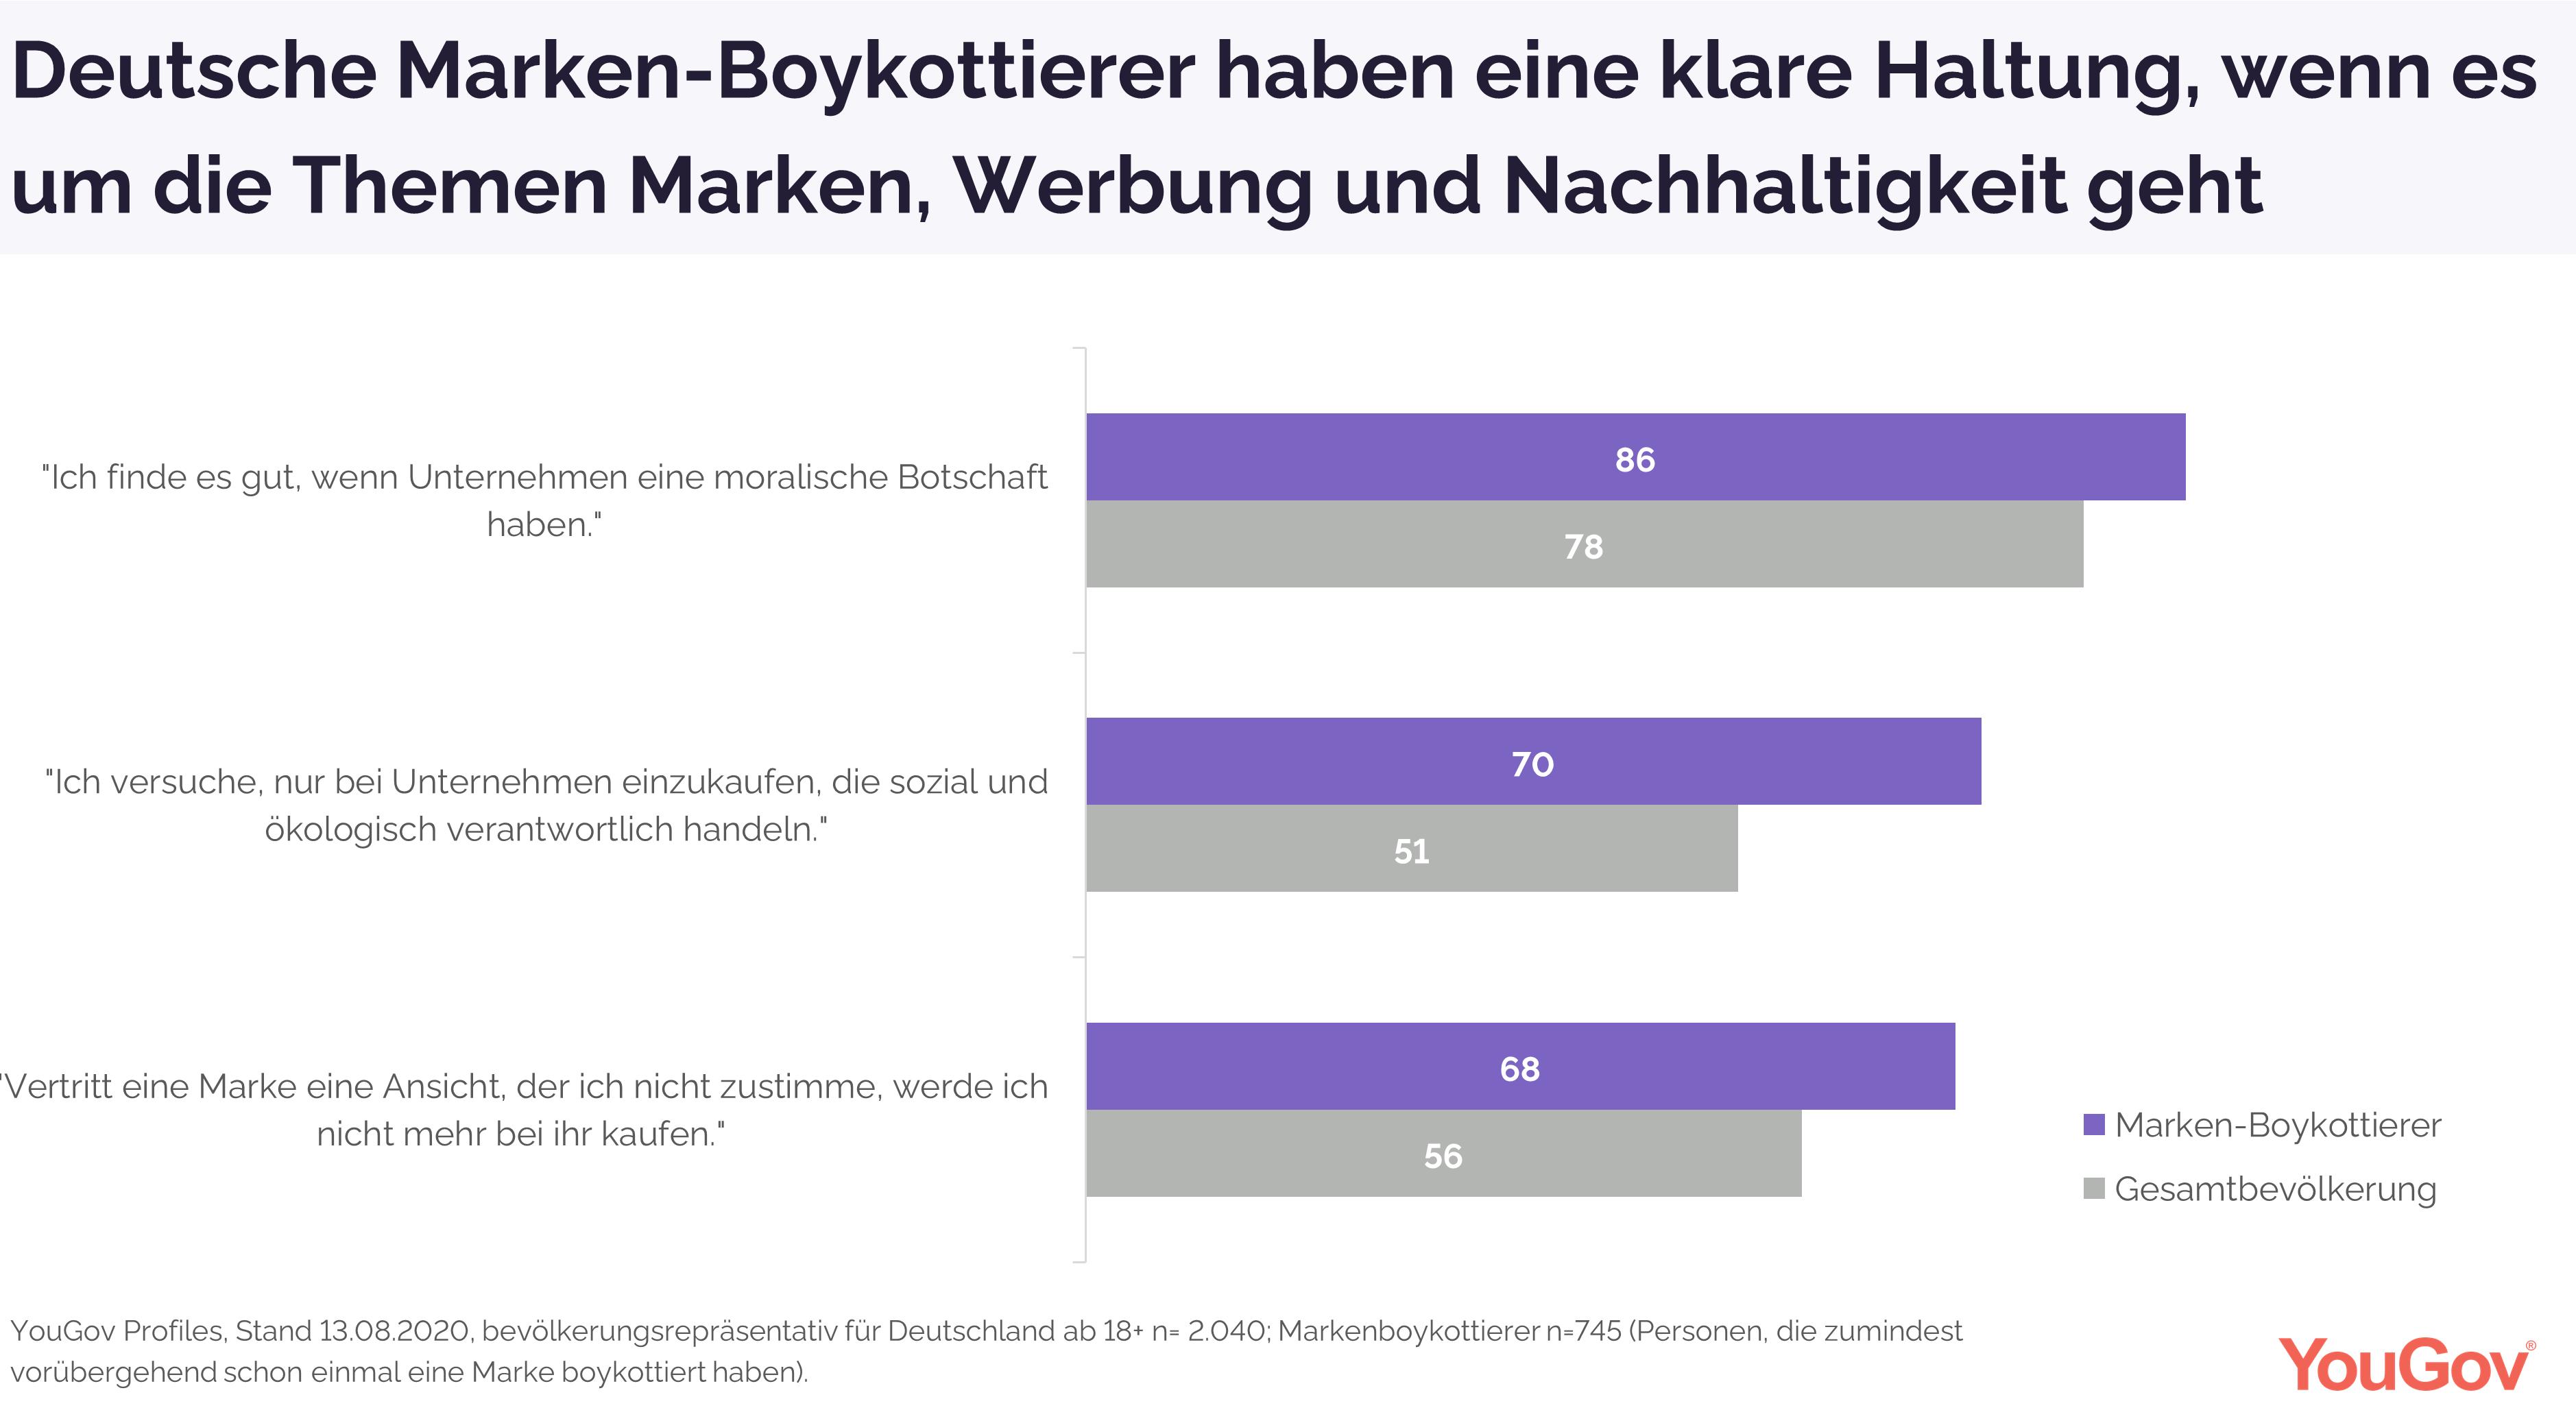 Einstellungen eines deutschen Marken-Boykottierers